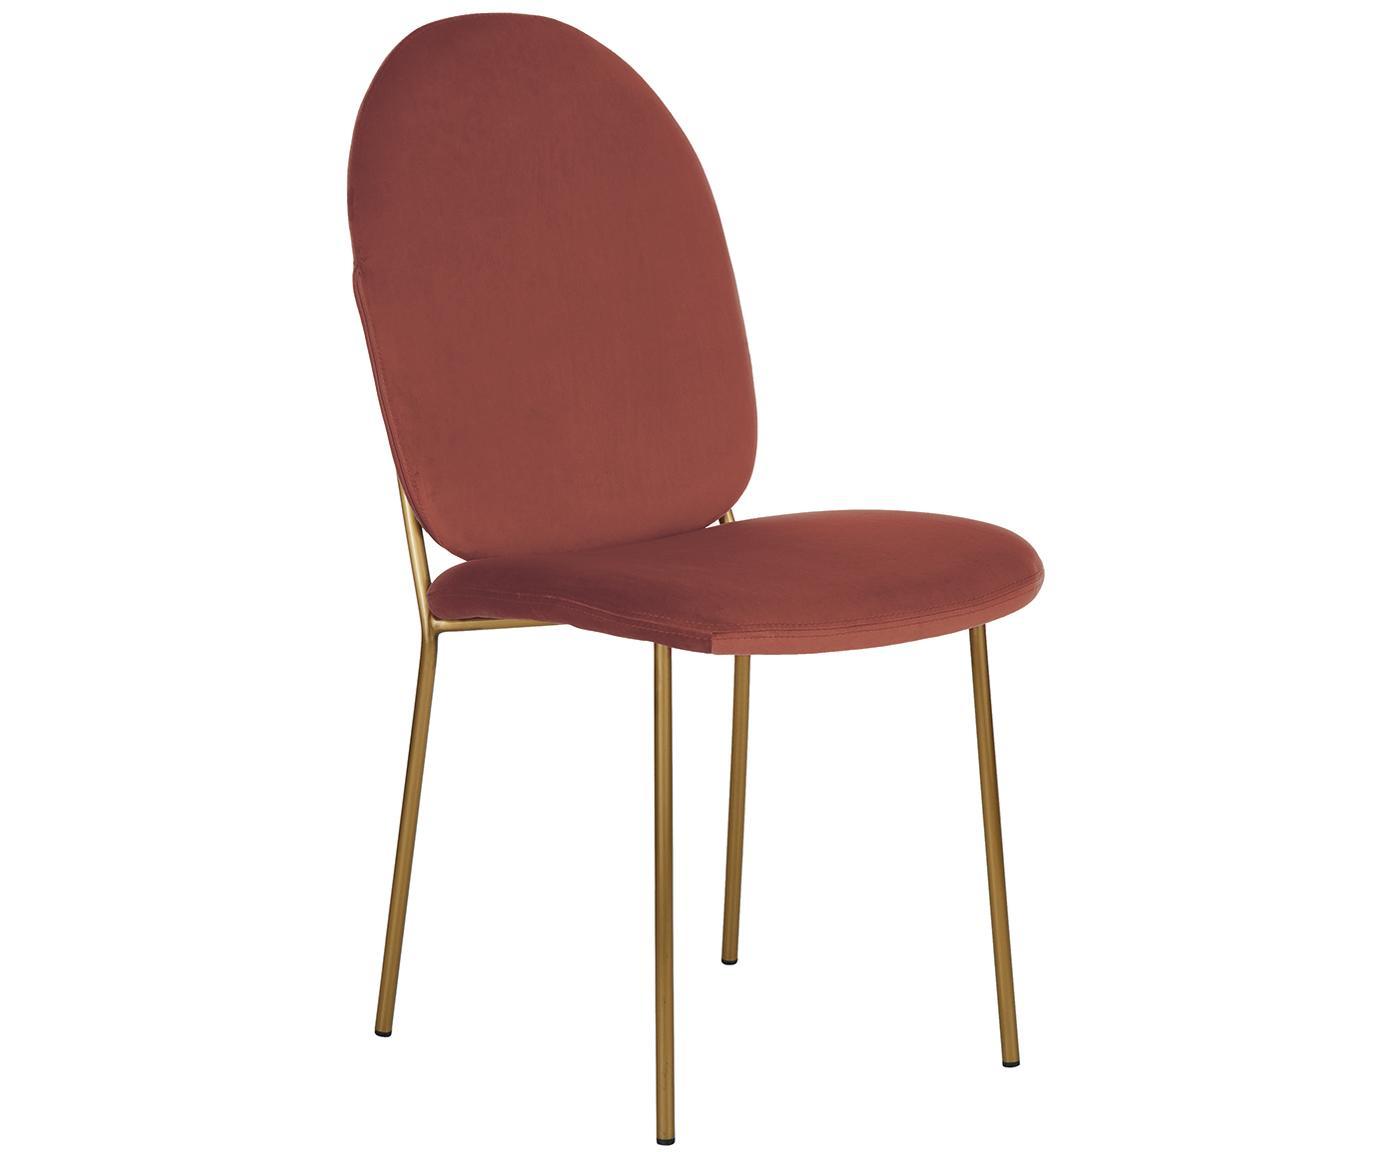 Krzesło tapicerowane z aksamitu Mary, Tapicerka: aksamit (poliester) 1500, Nogi: metal powlekany, Terakota, S 44 x G 65 cm